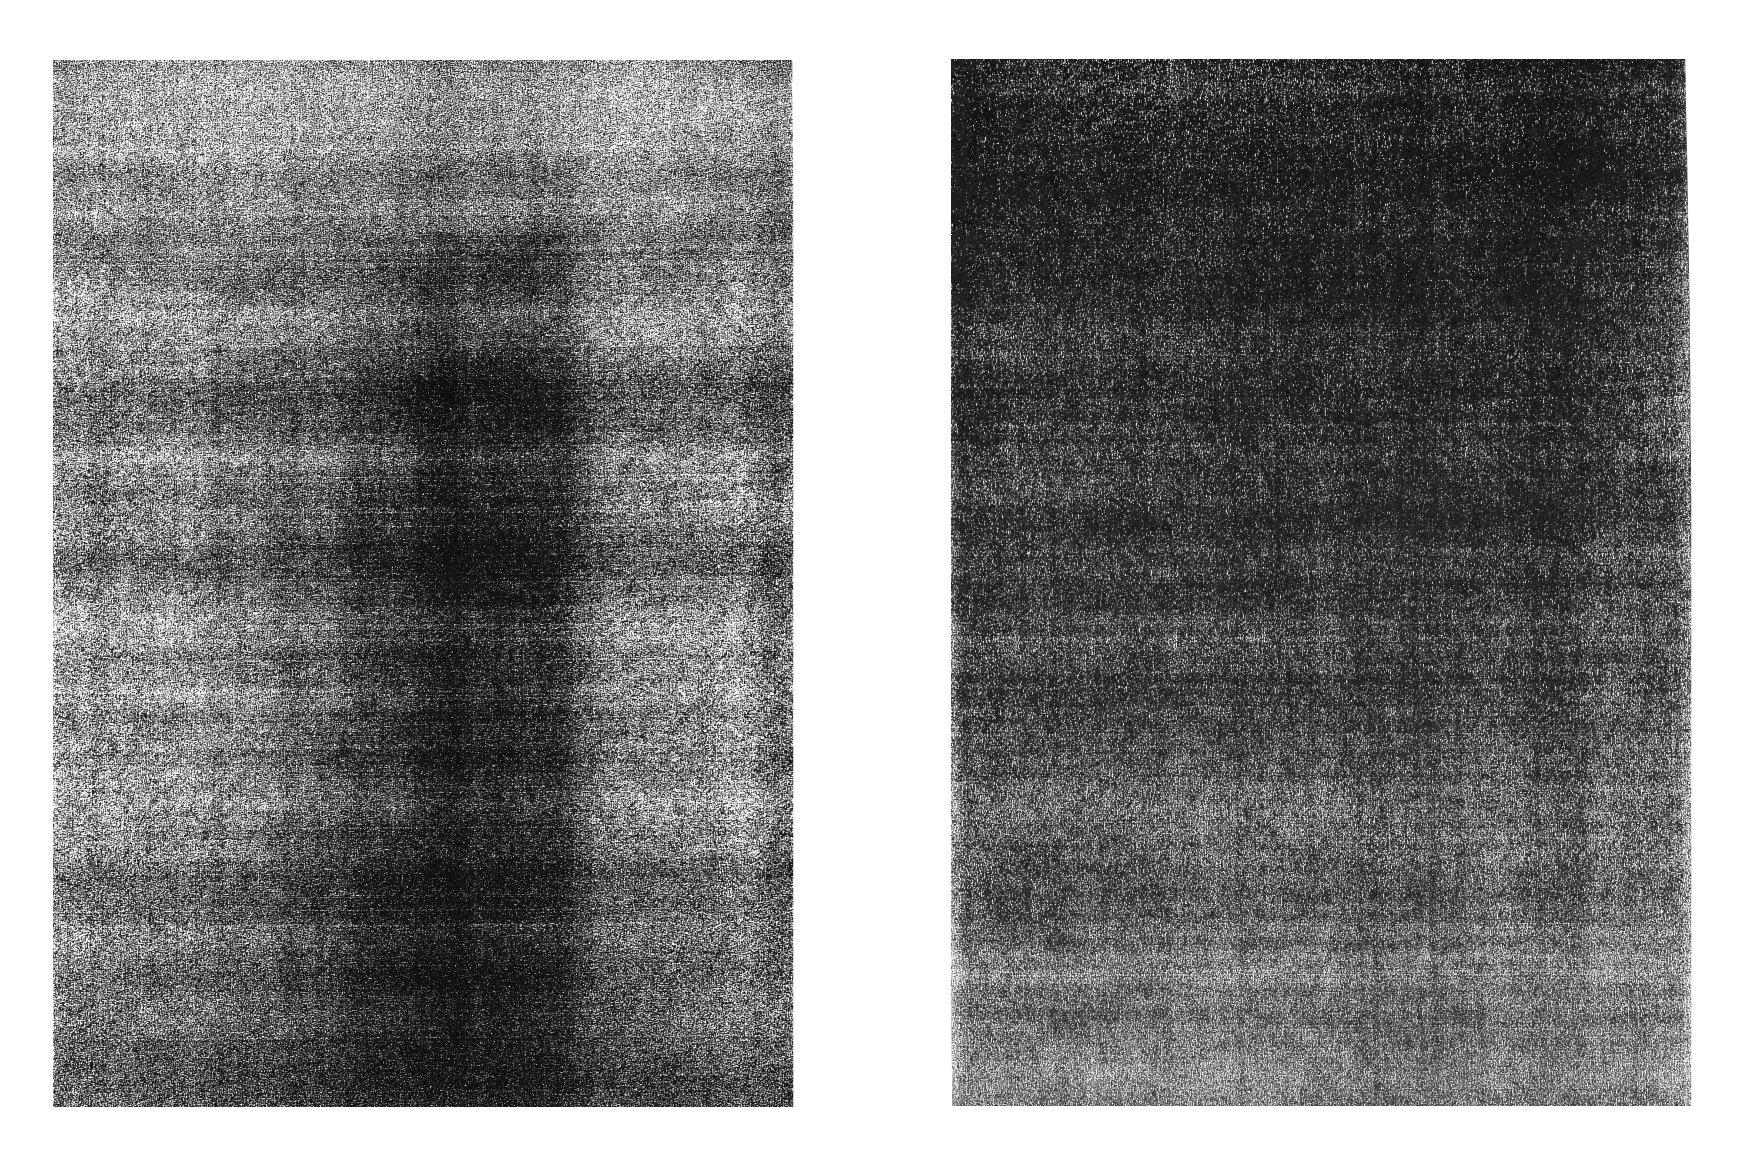 156款复古做旧折痕磨损褶皱纸张背景纹理素材合集 The Grunge Texture Bundle Vol. 1插图(89)